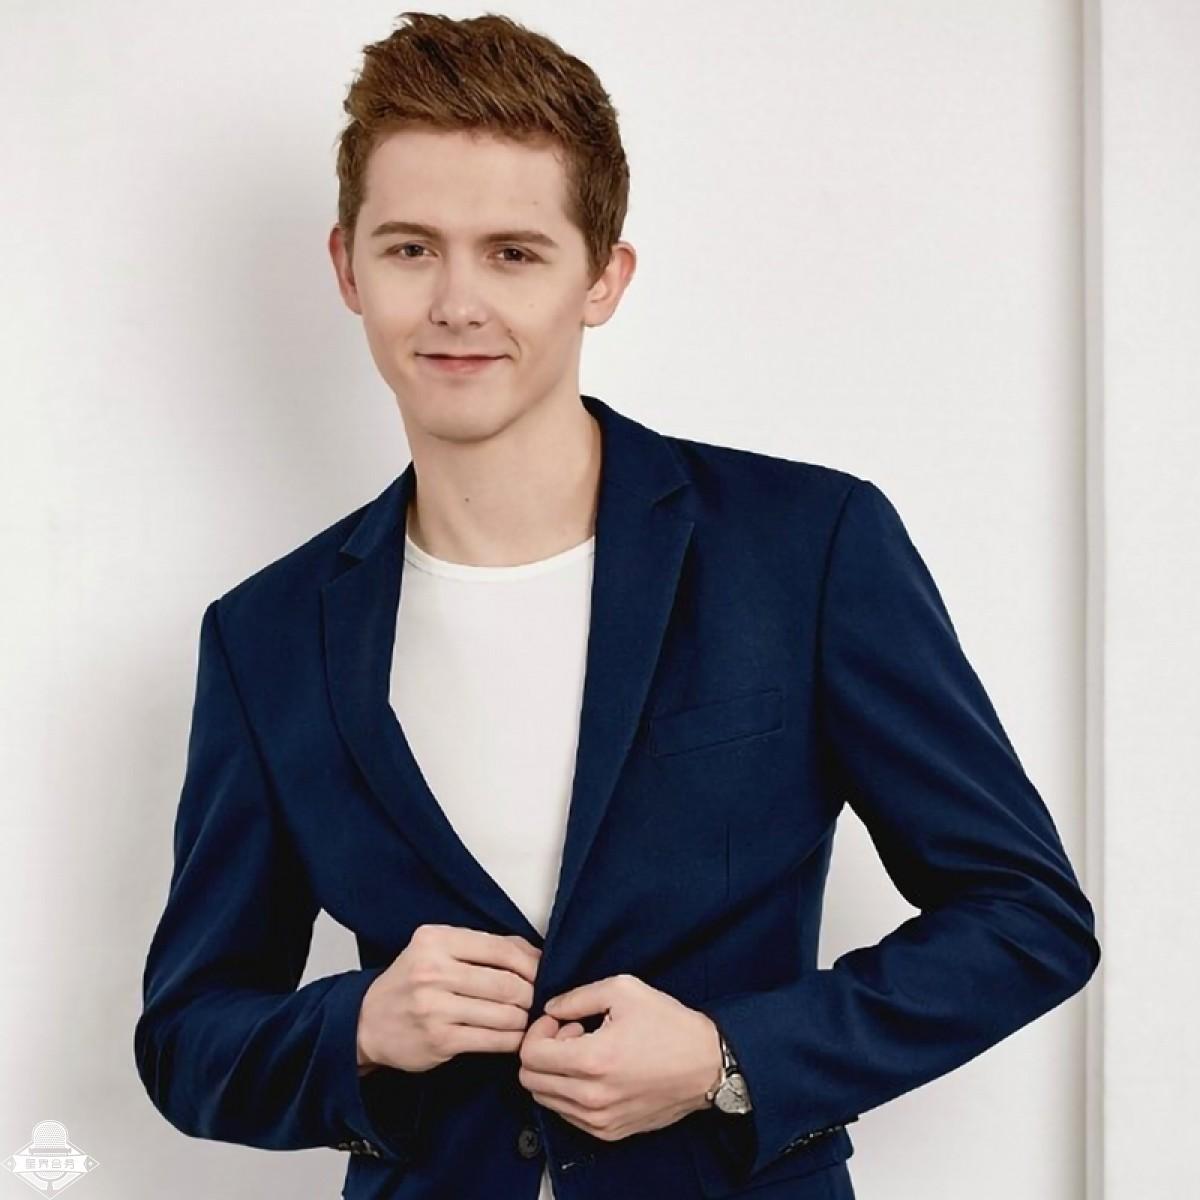 Stuart 青年帅气男模 高端模特 欧美模特 外籍模特 外模 服装模特 广告模特 平面模特  深圳模特 Stuart